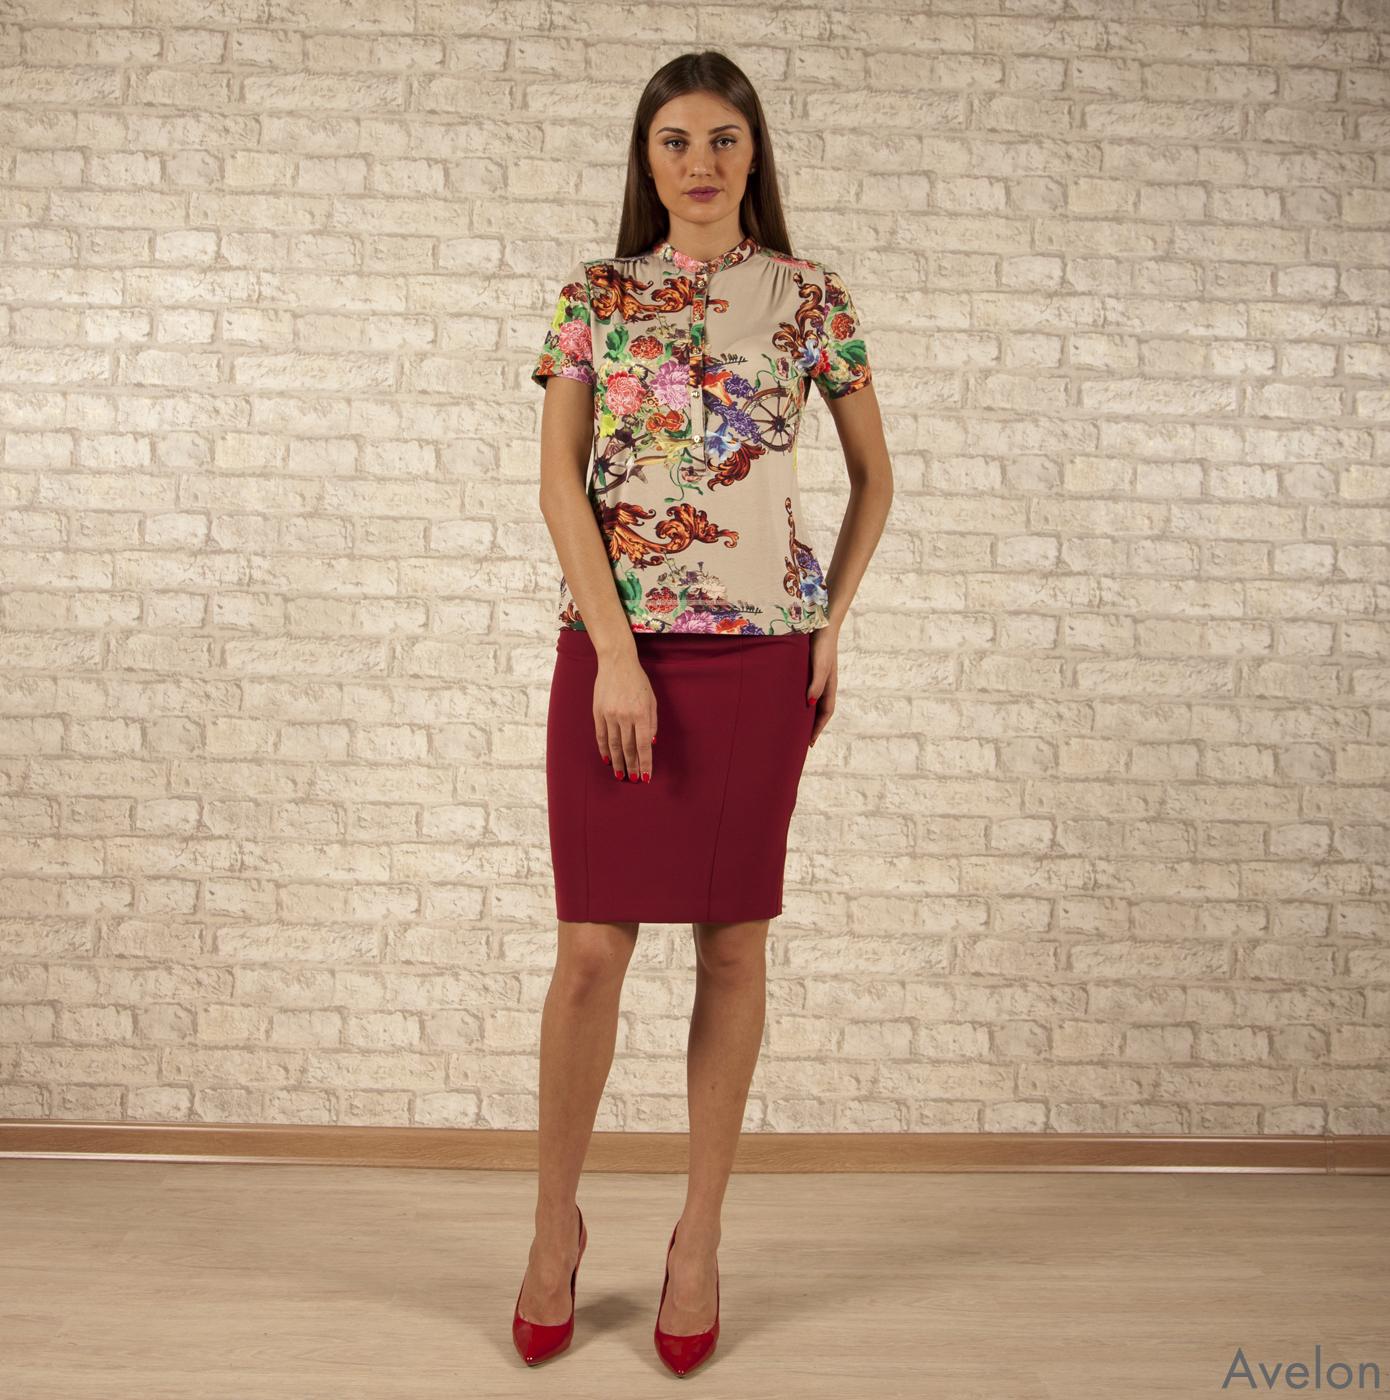 Женская Одежда Авелон Каталог